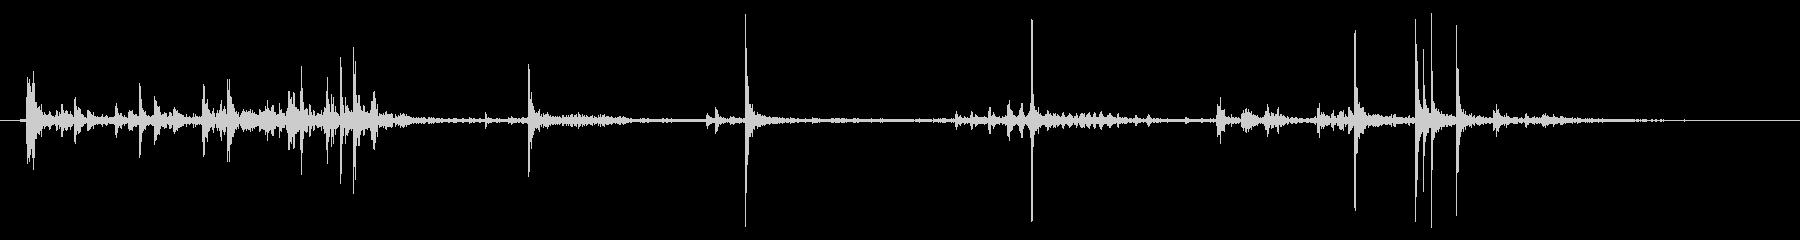 セロリ:シングルカットの未再生の波形